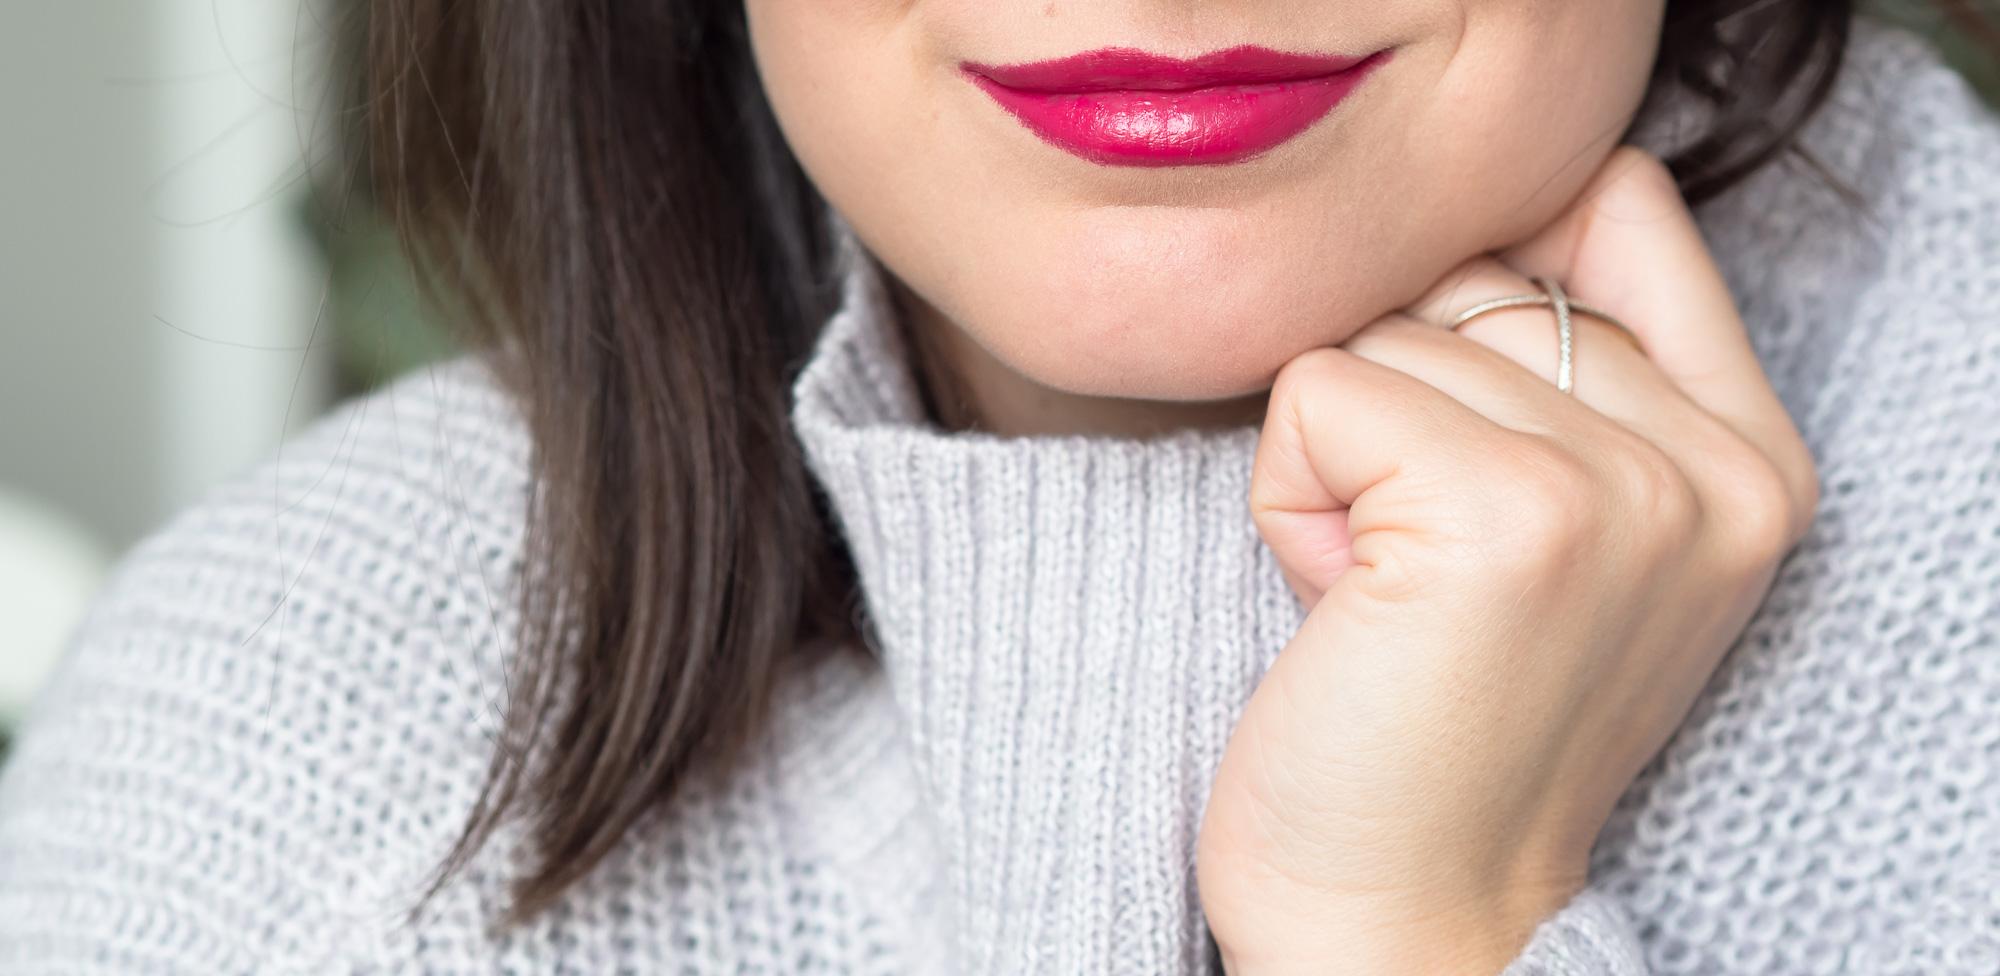 lippenstiftfarbe finden